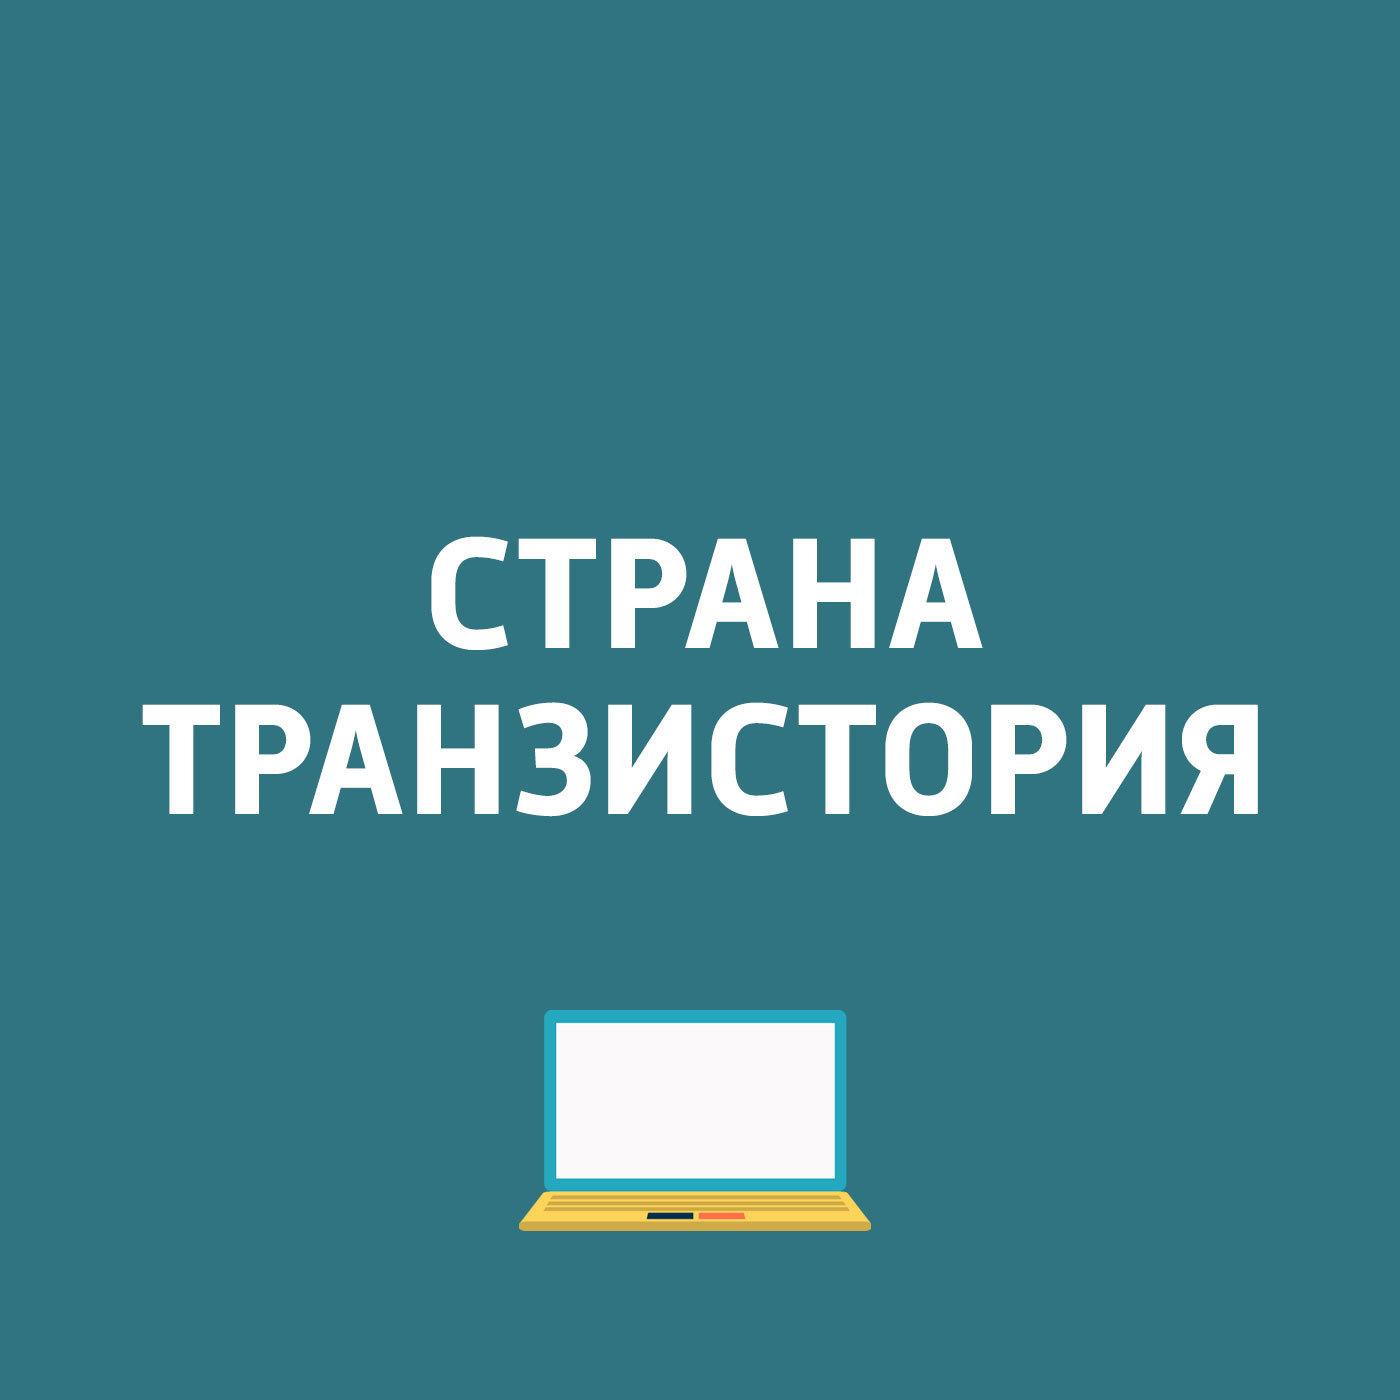 Картаев Павел Mail.ru работает на собственным голосовым помощником «Марусей»